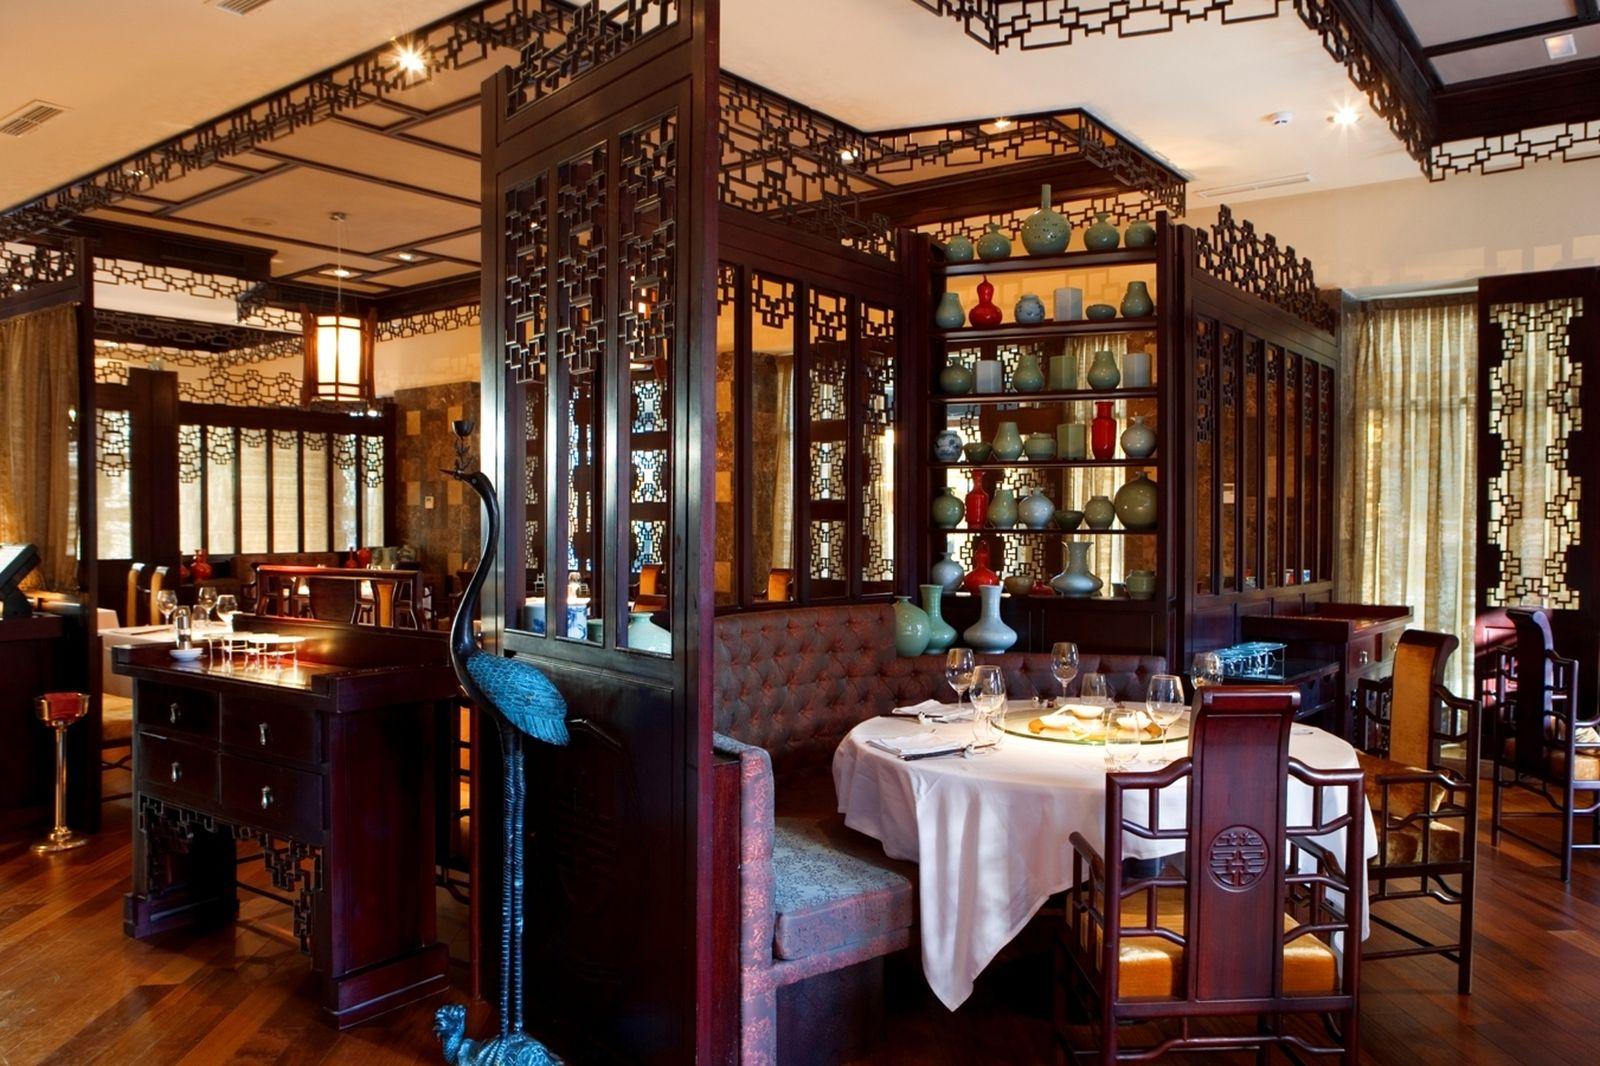 Foto: Los 10 mejores restaurantes chinos en España donde celebrar su Año Nuevo (sin rollito de primavera)